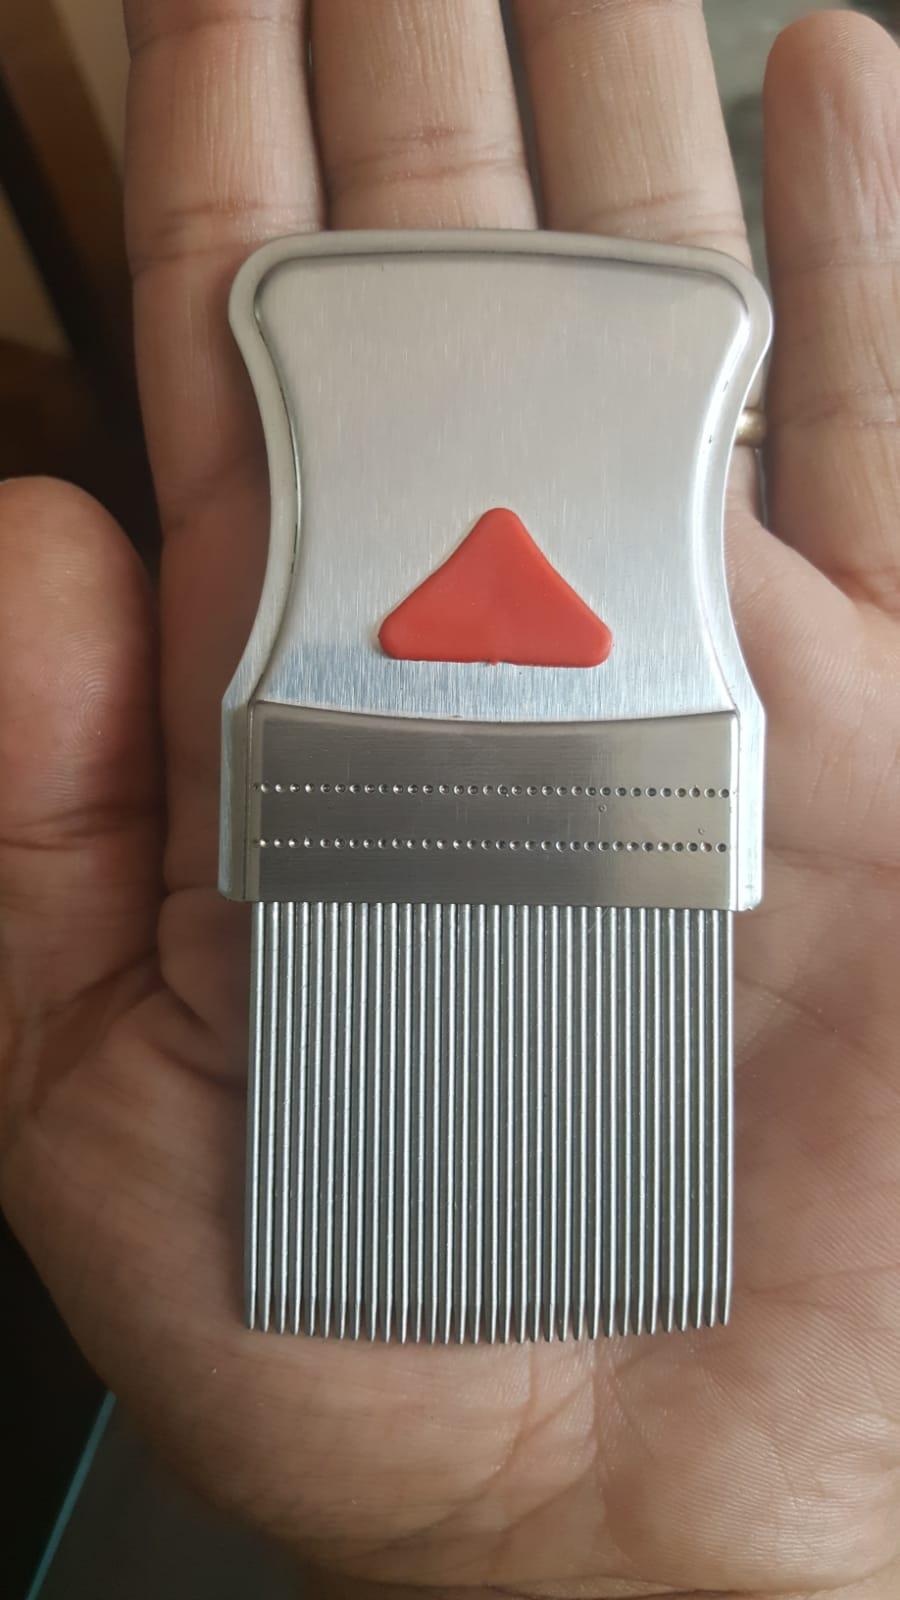 conception d'un nouveau peigne à poux